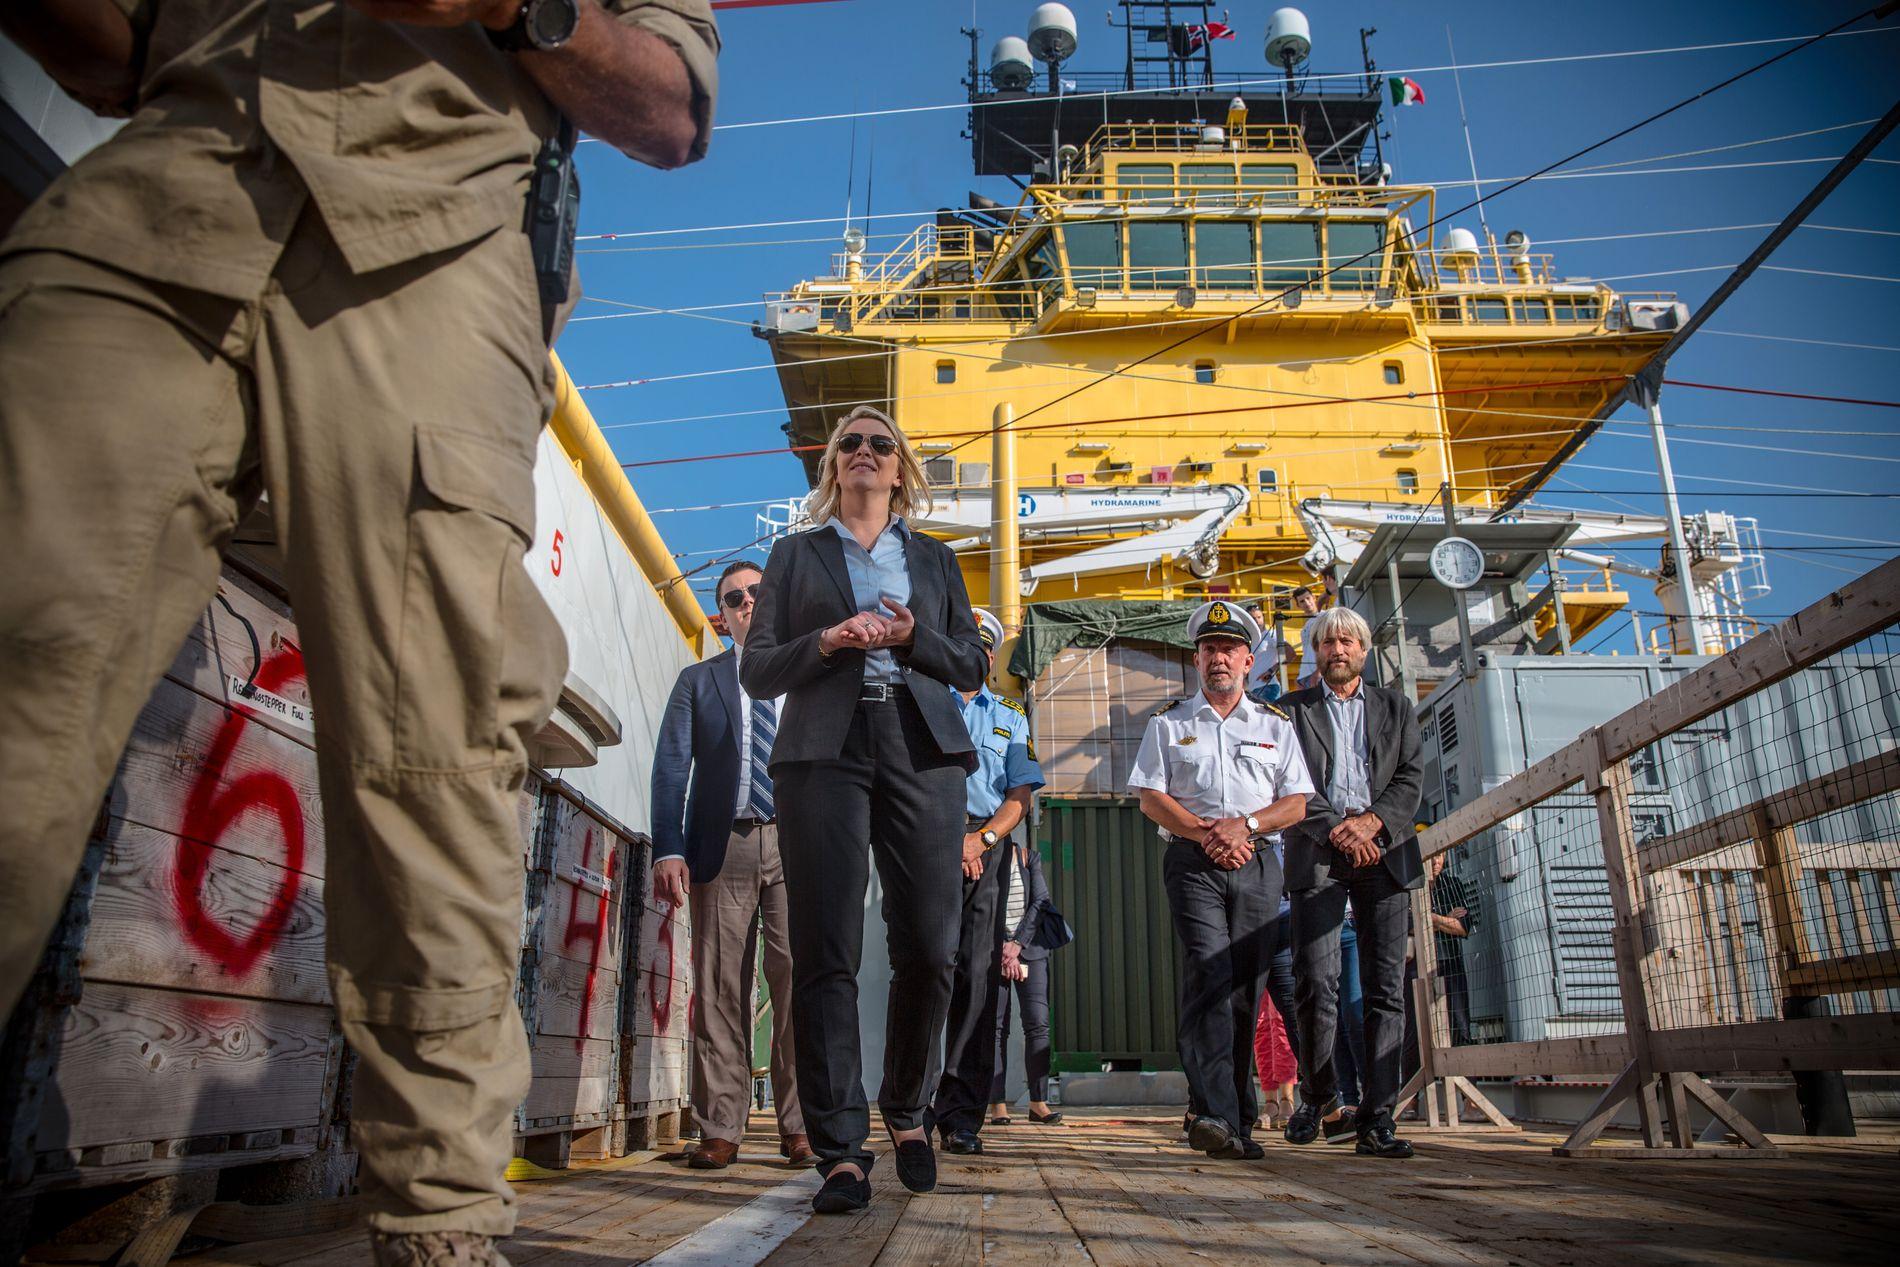 INSPEKSJON: I ett år har det norske skipet «Siem Pilot» reddet liv mellom Catania og Tripoli. Mandag fikk de besøk av innvandringsminister Sylvi Listhaug (Frp) da de lå i havn.